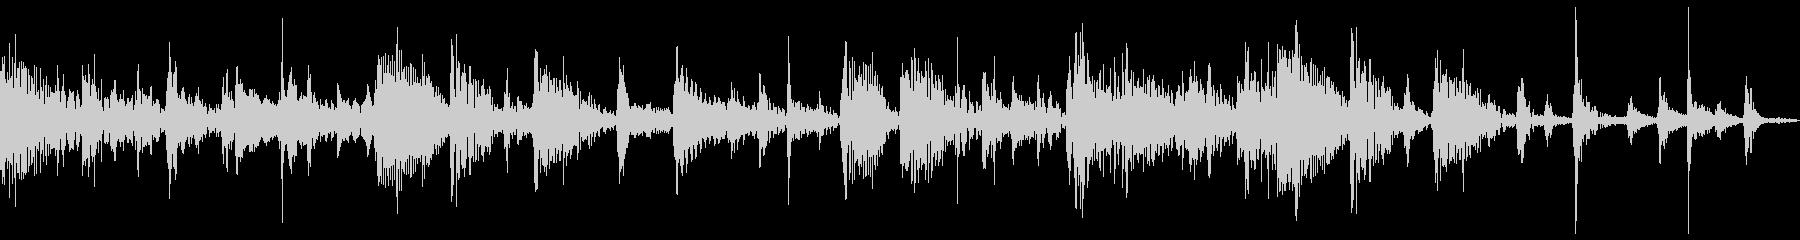 短ループ・ジプシー風ギター・ゲームの未再生の波形